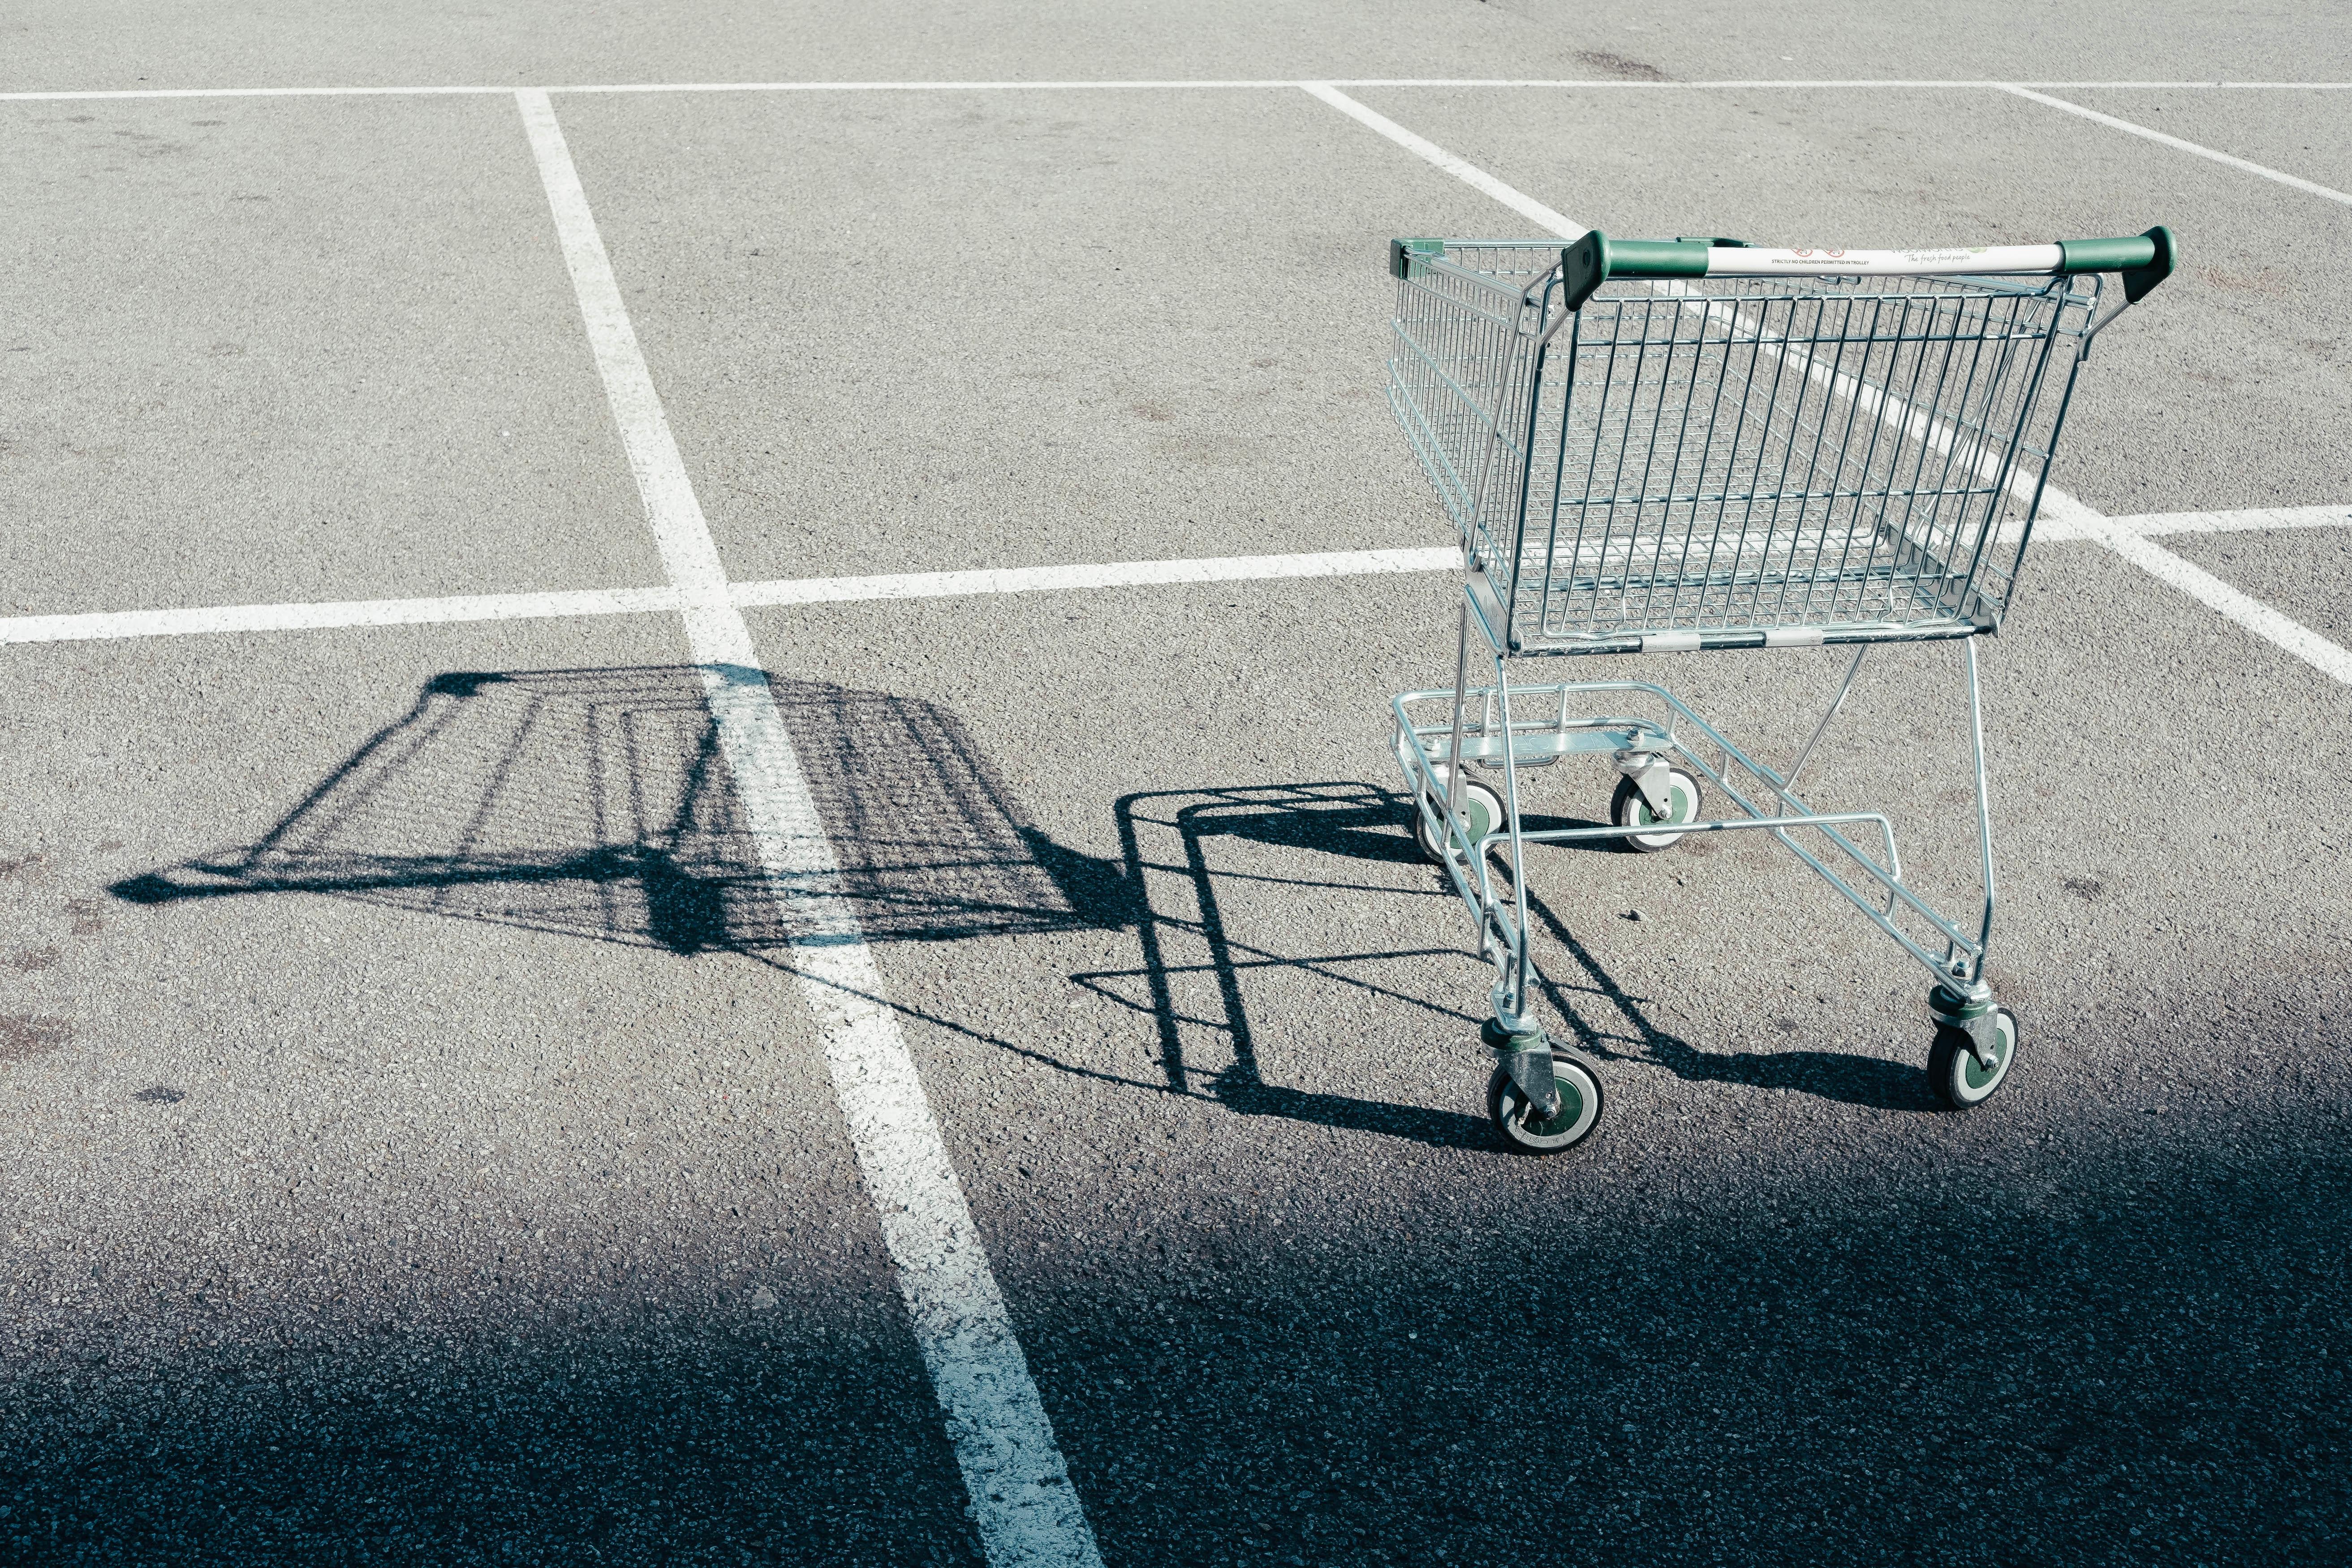 Jornada de compras: conheça as etapas que as pessoas passam até chegar na compra dos seus produtos ou serviços